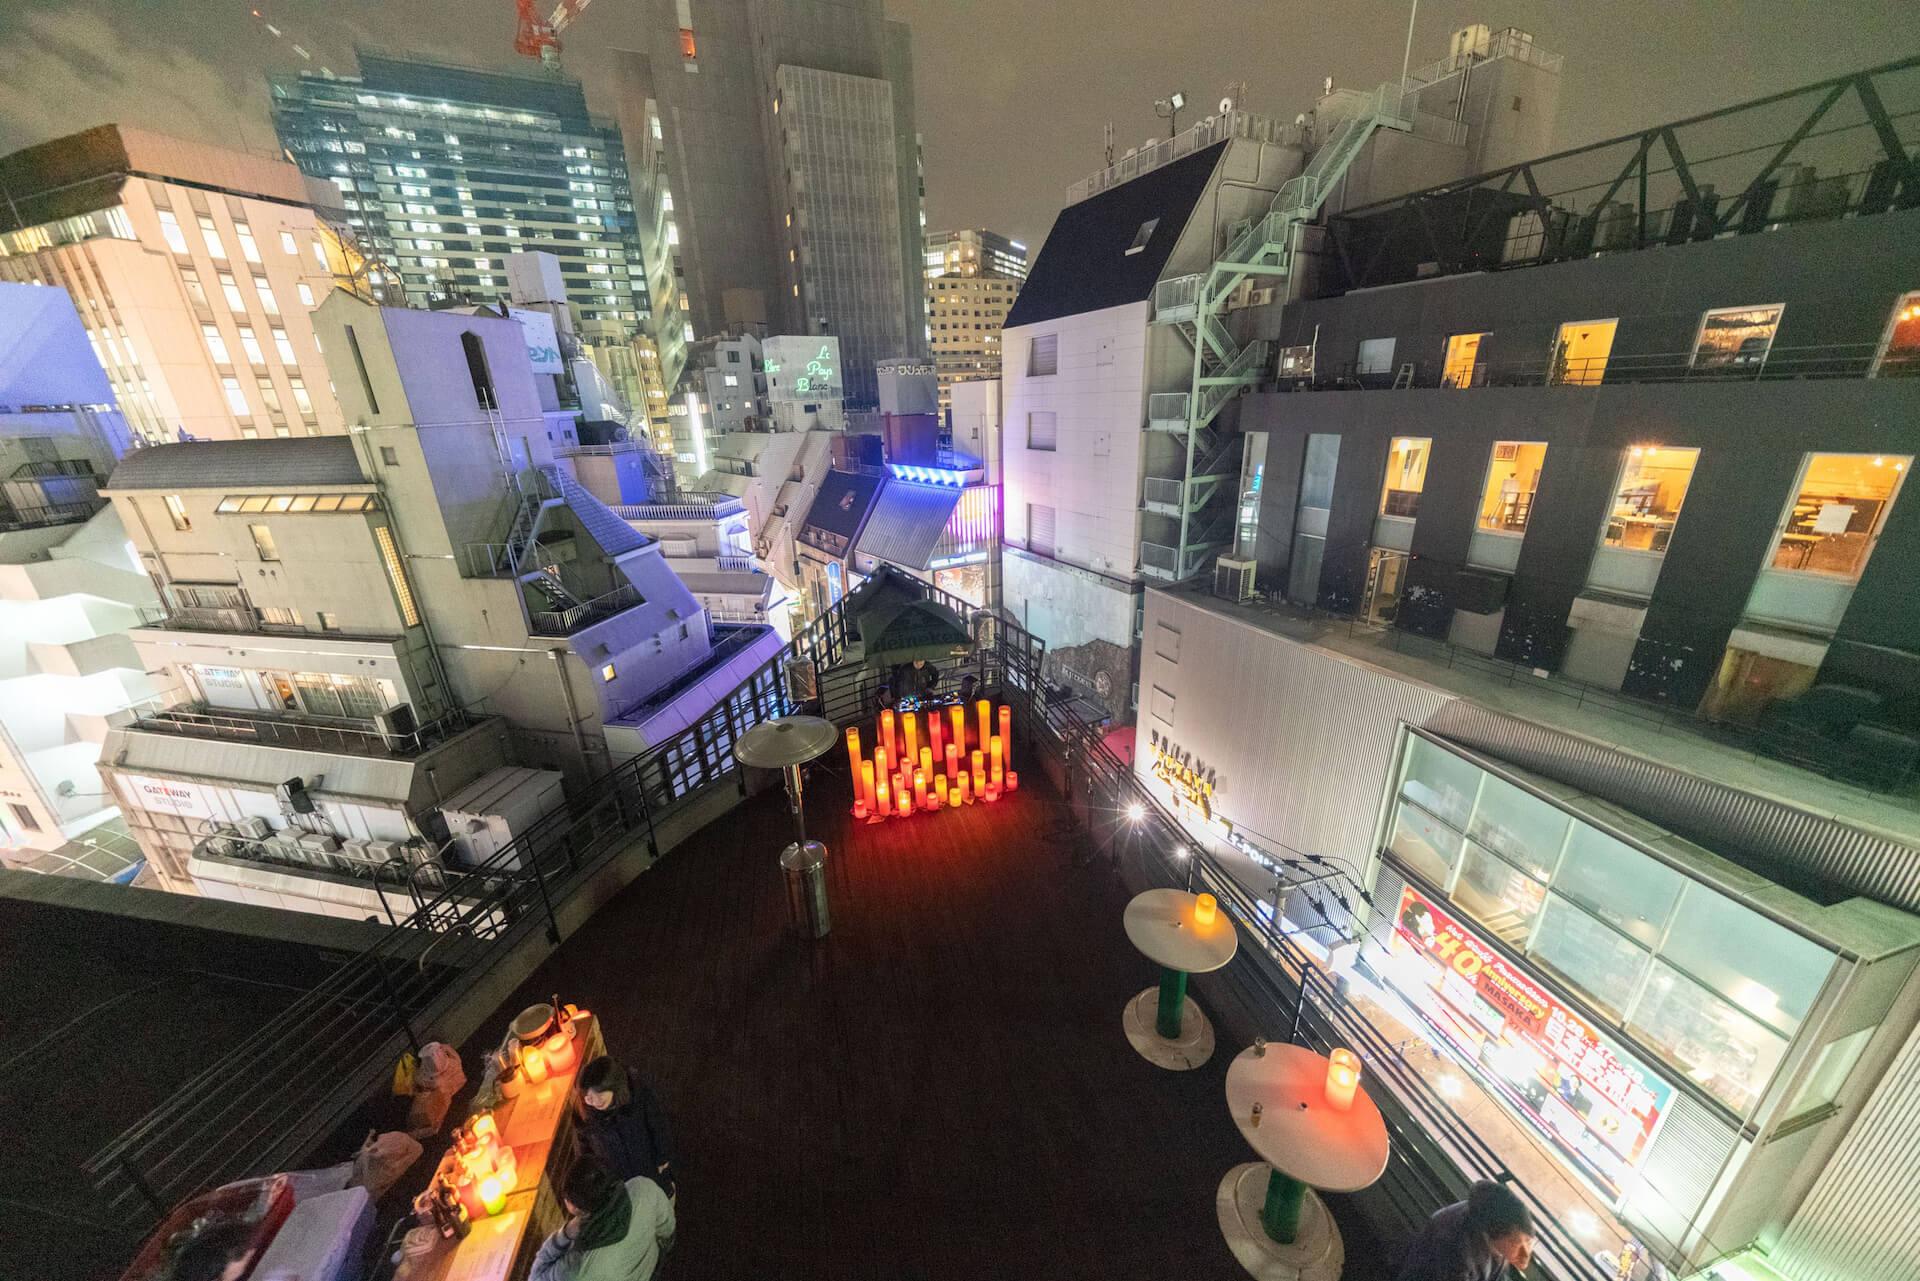 渋谷のナイトタイムエコノミーについて考える<WHITE NIGHT WEEK SHIBUYA>が初開催 music191016-whitenightweek-8